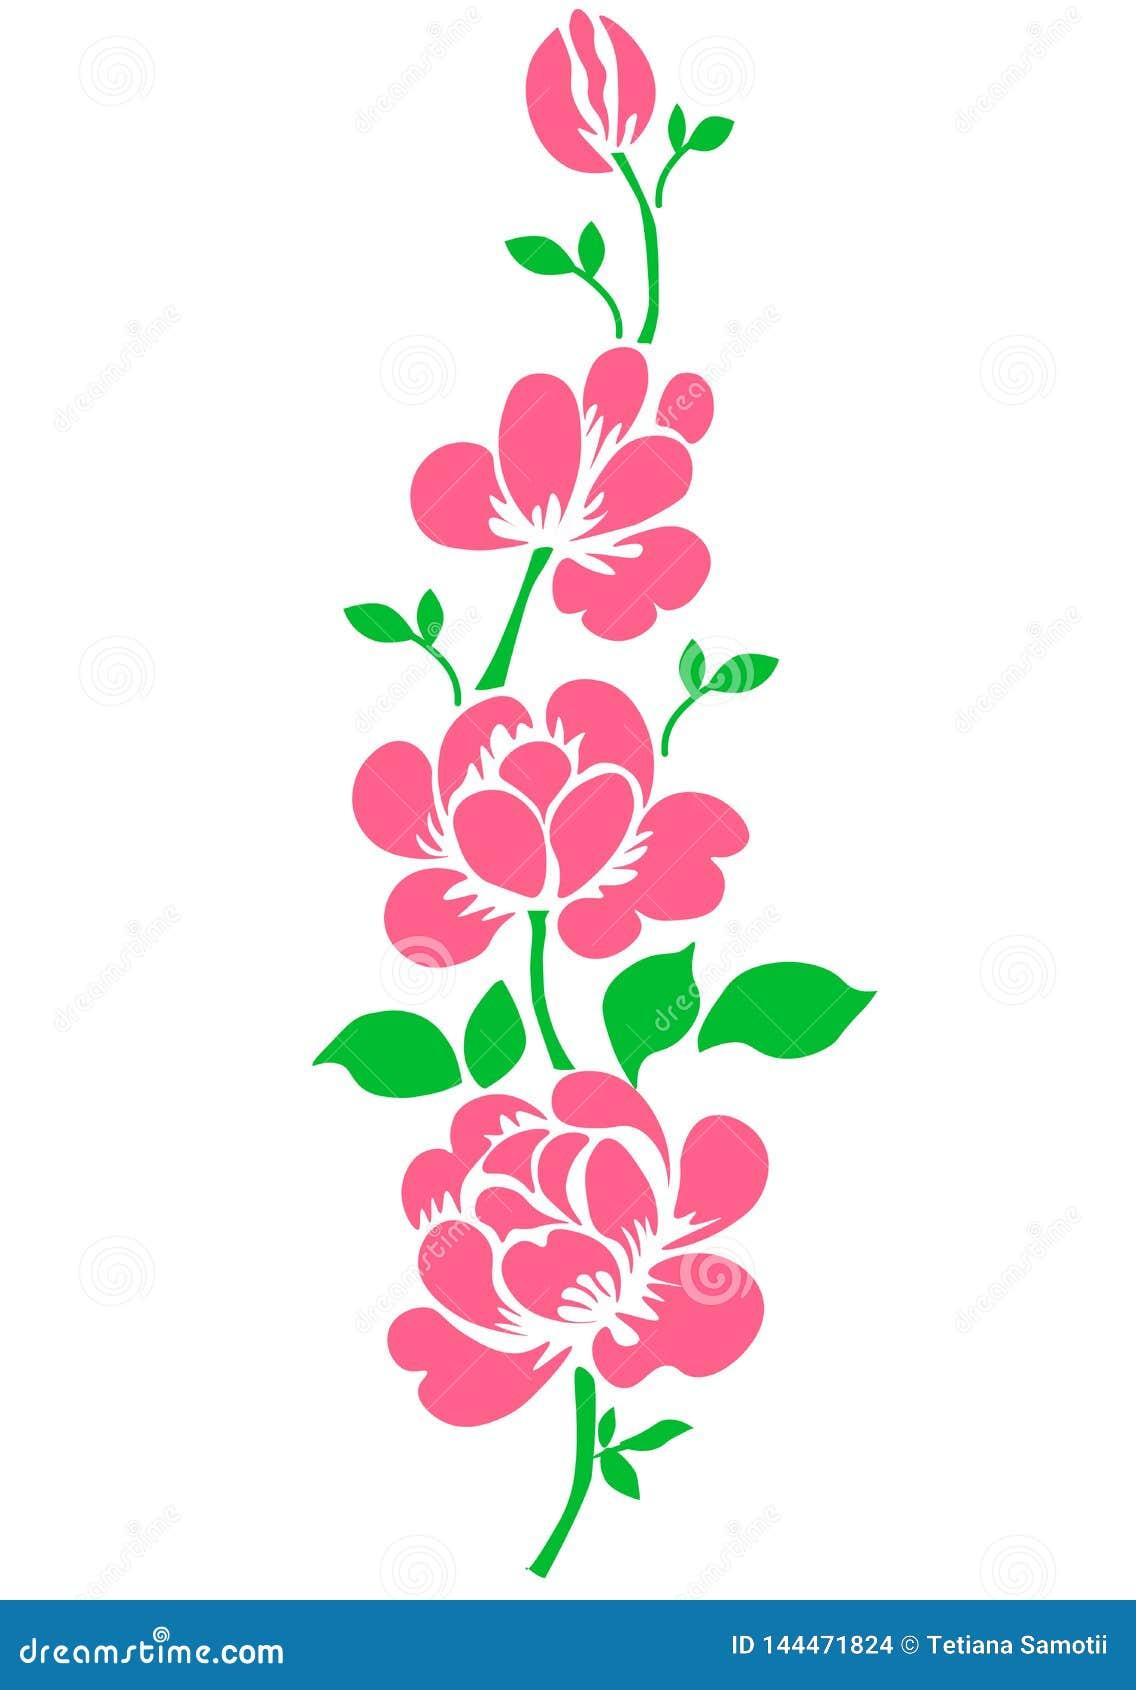 Сеть Пинк поднял Изолированный цветок сада букета на белой предпосылке Реалистическое искусство иллюстрации вектора Украшение для